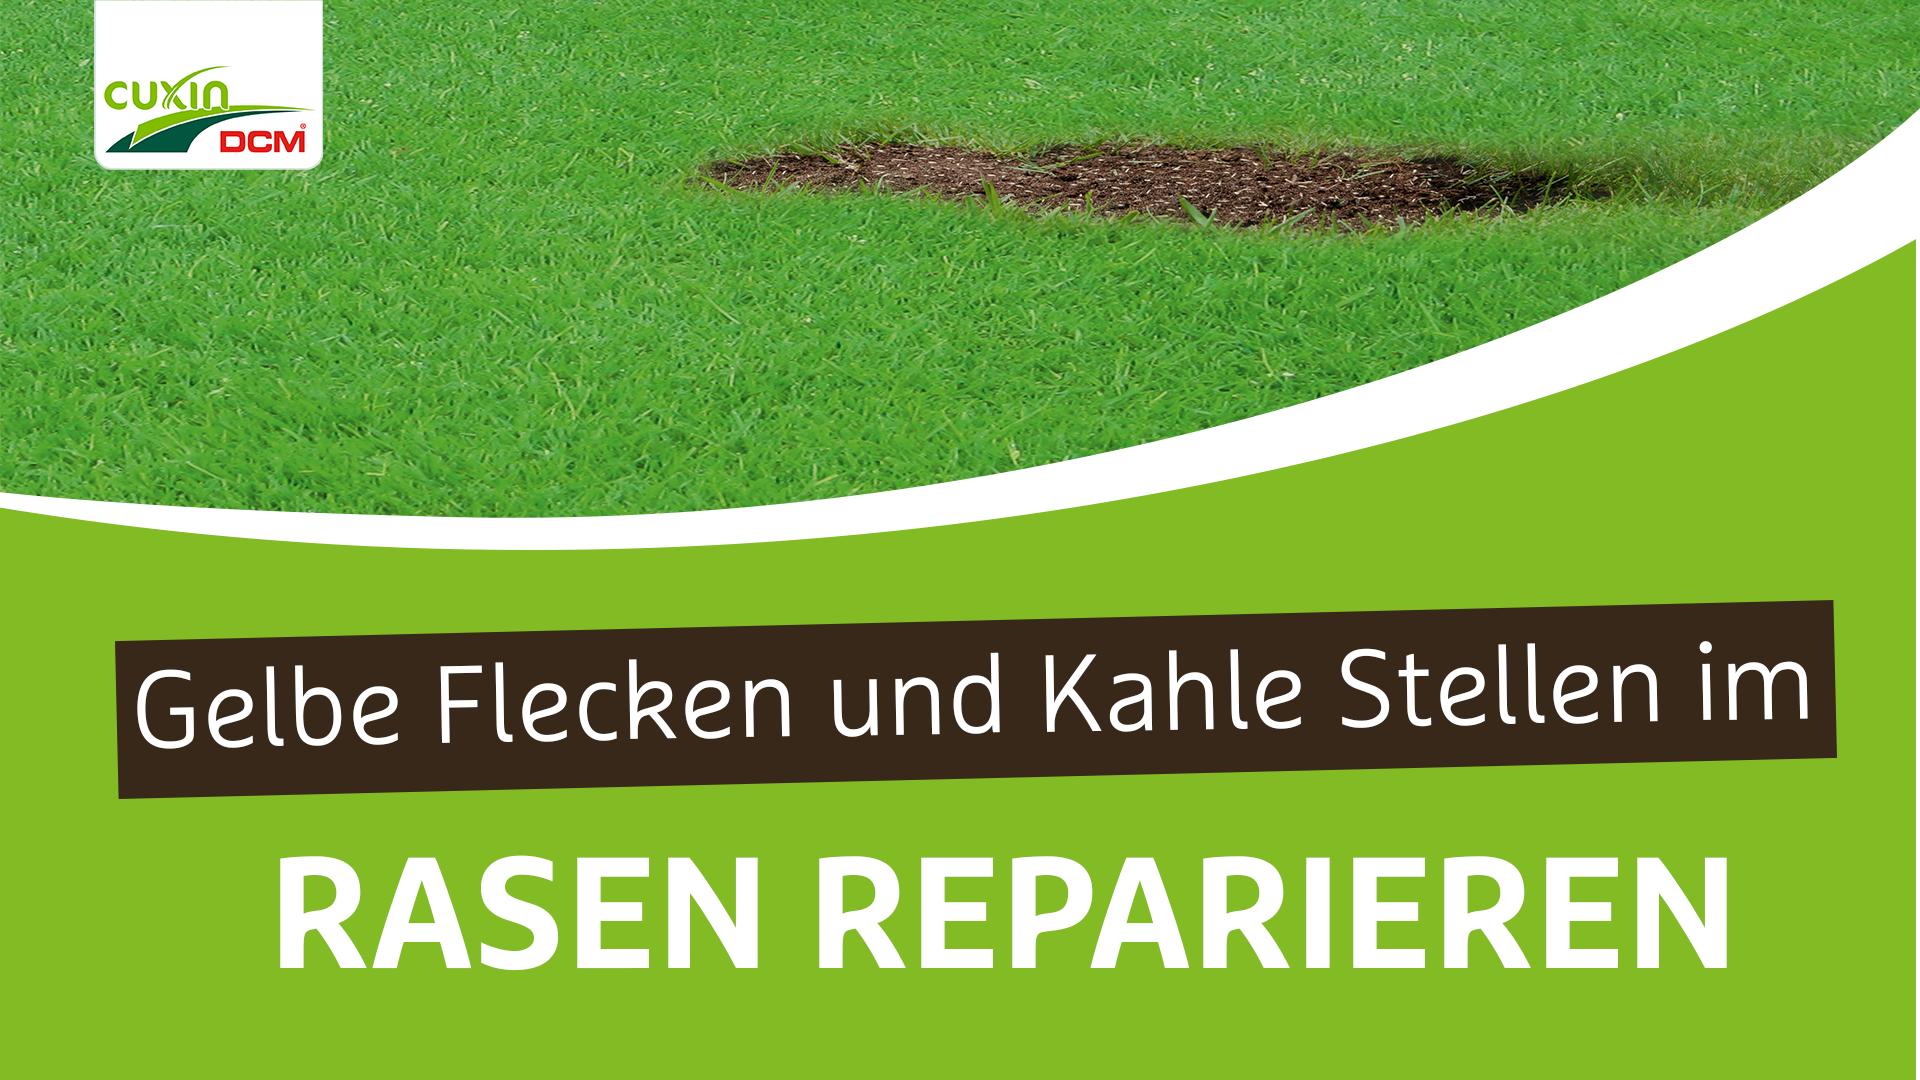 Gelbe Flecken und kahle Stellen im Rasen reparieren